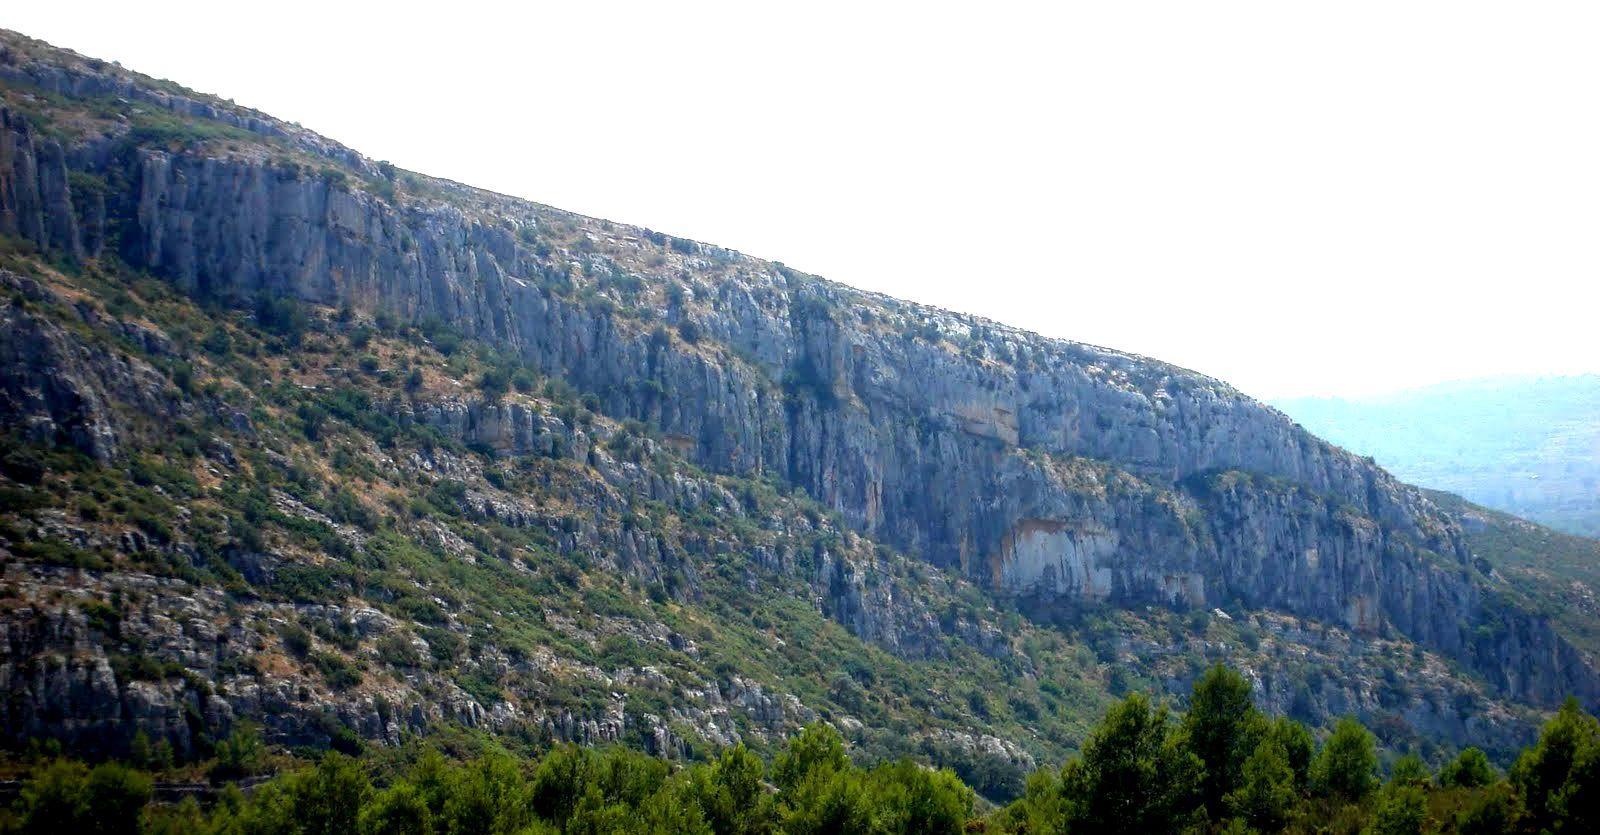 Murs, Les Coves